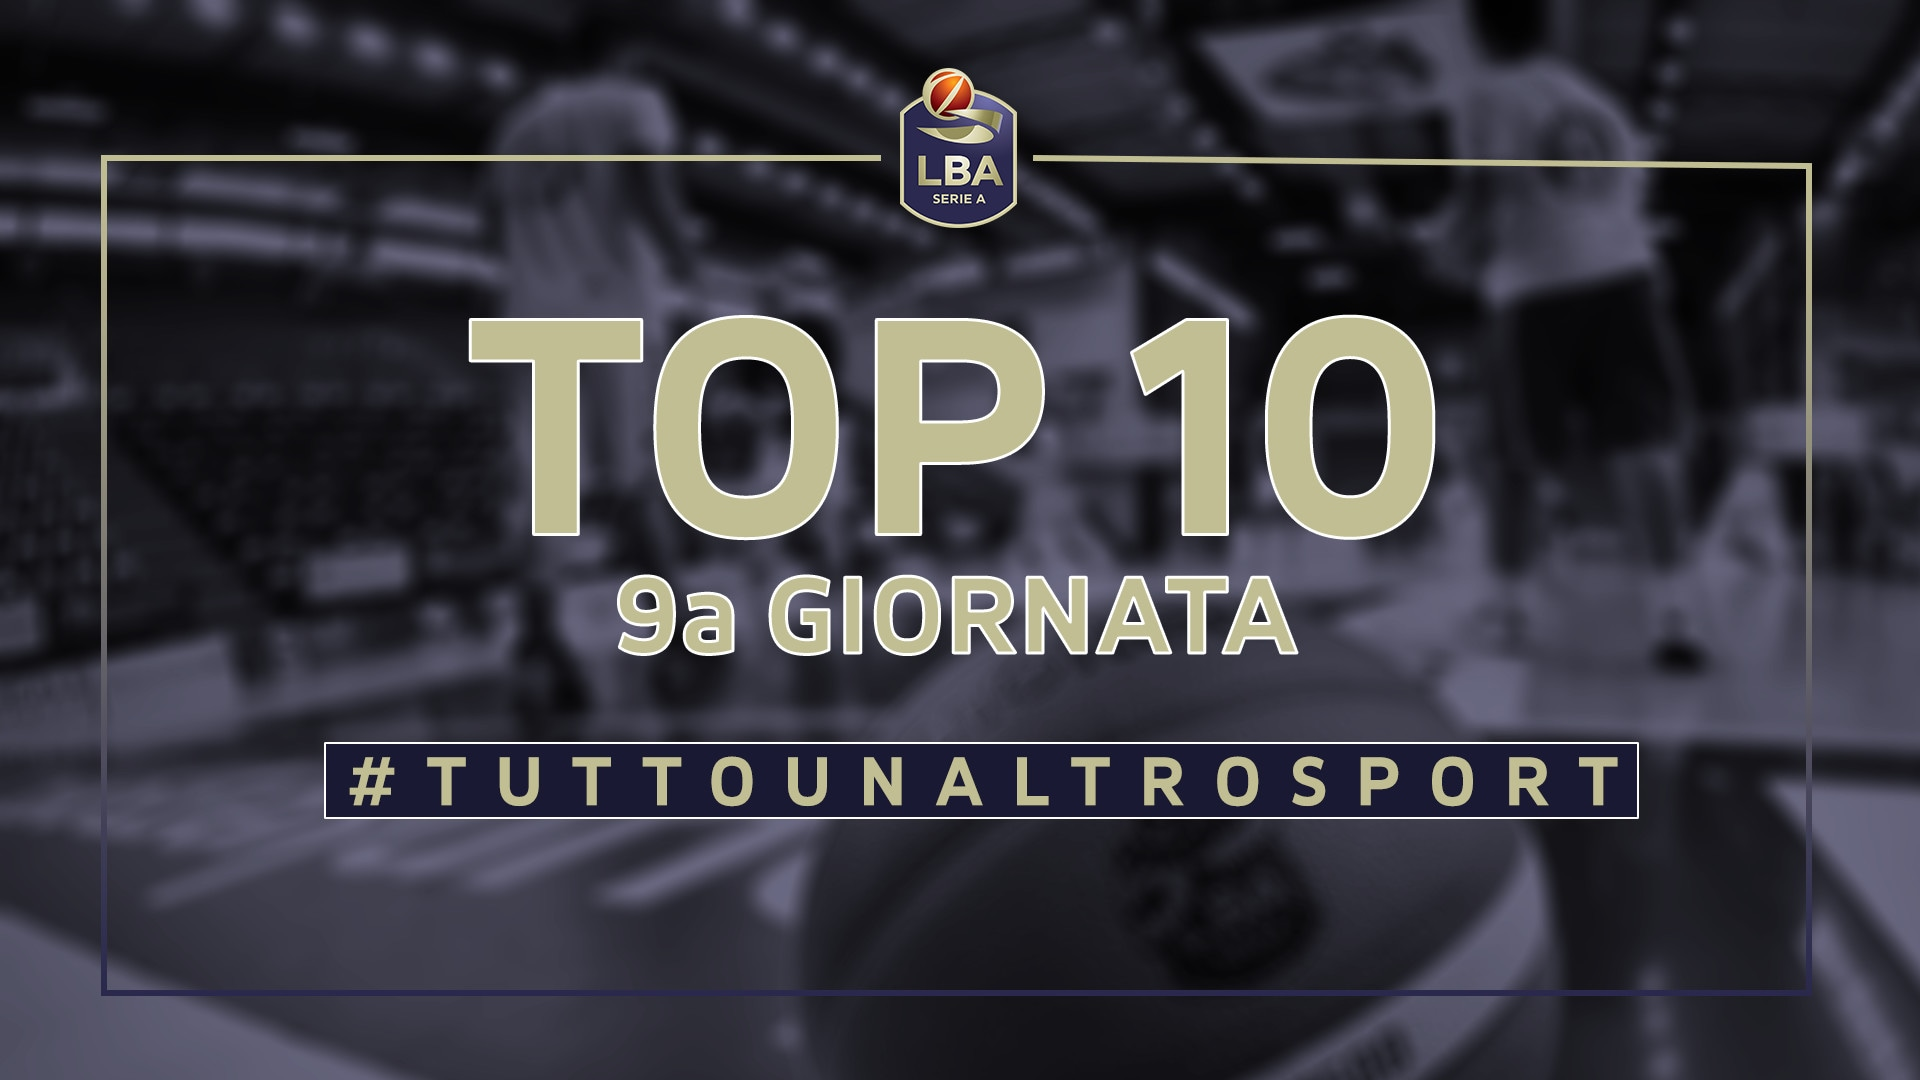 La Top Ten della 9a giornata del campionato LBA di basket